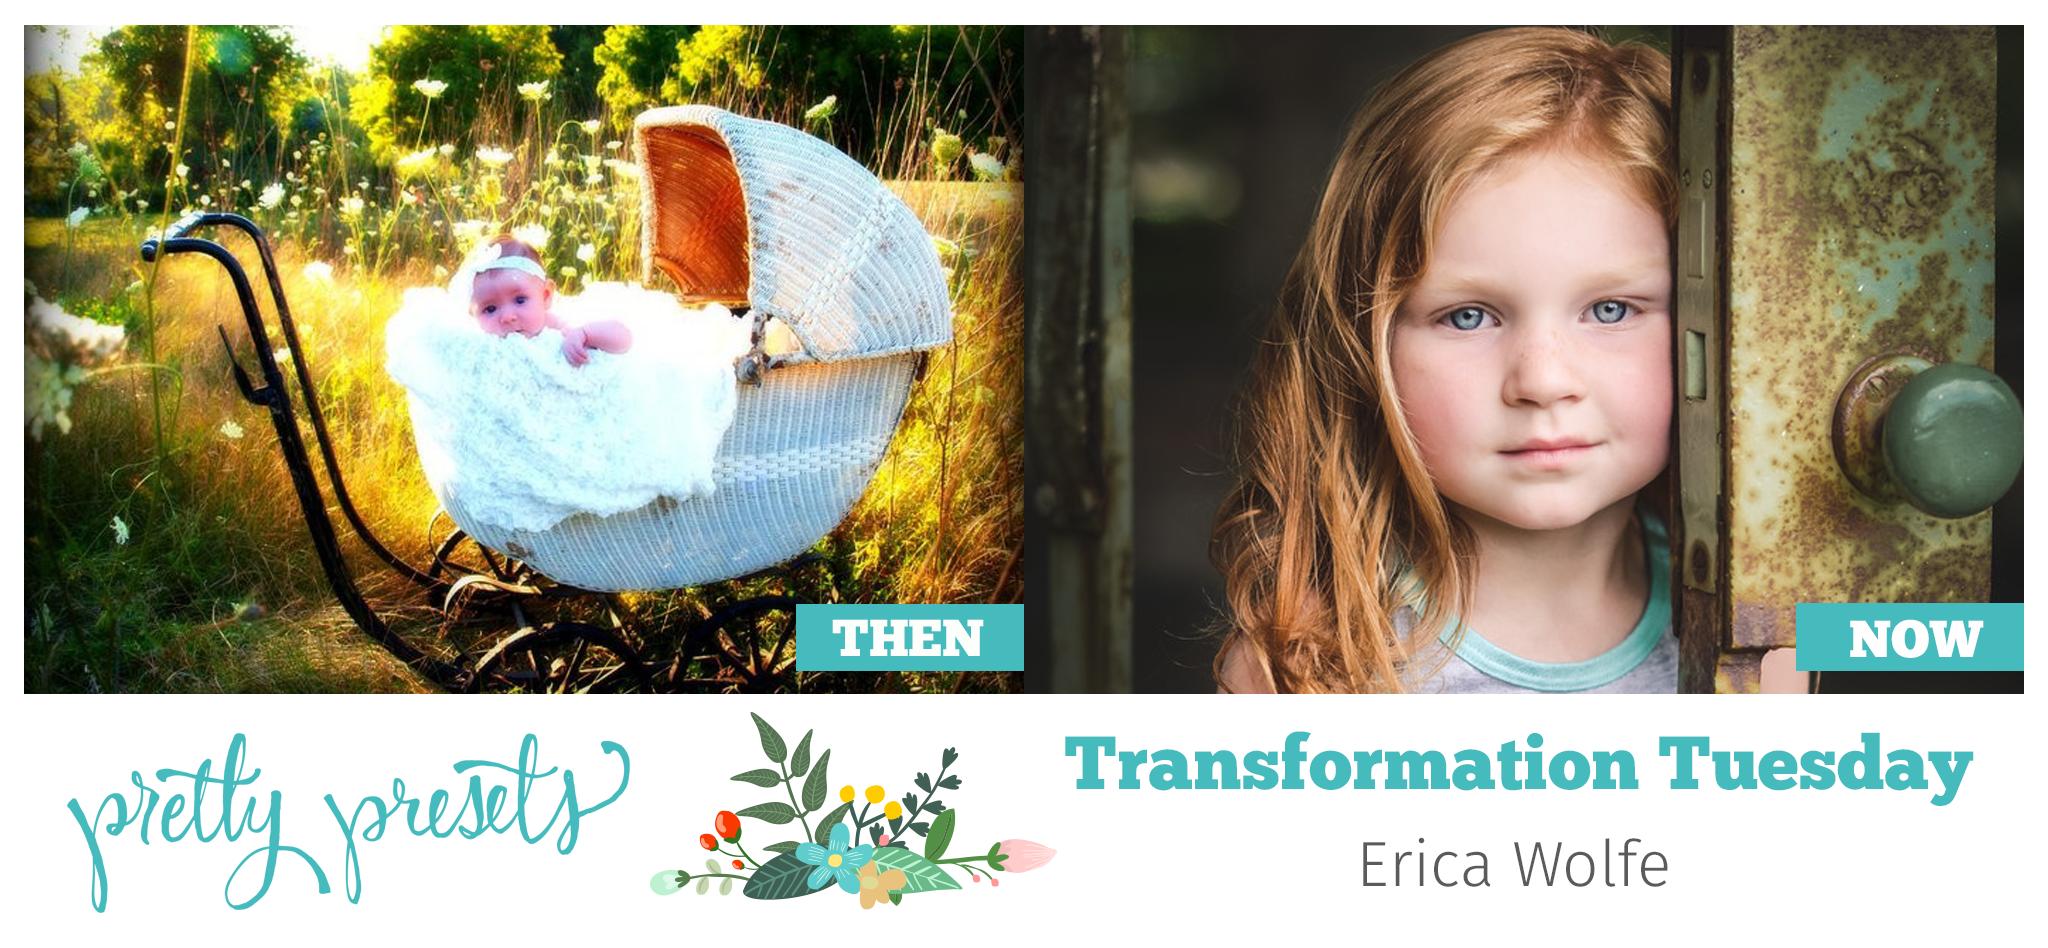 Transformation Tuesday: con Erica Wolfe en Pretty Presets para Li